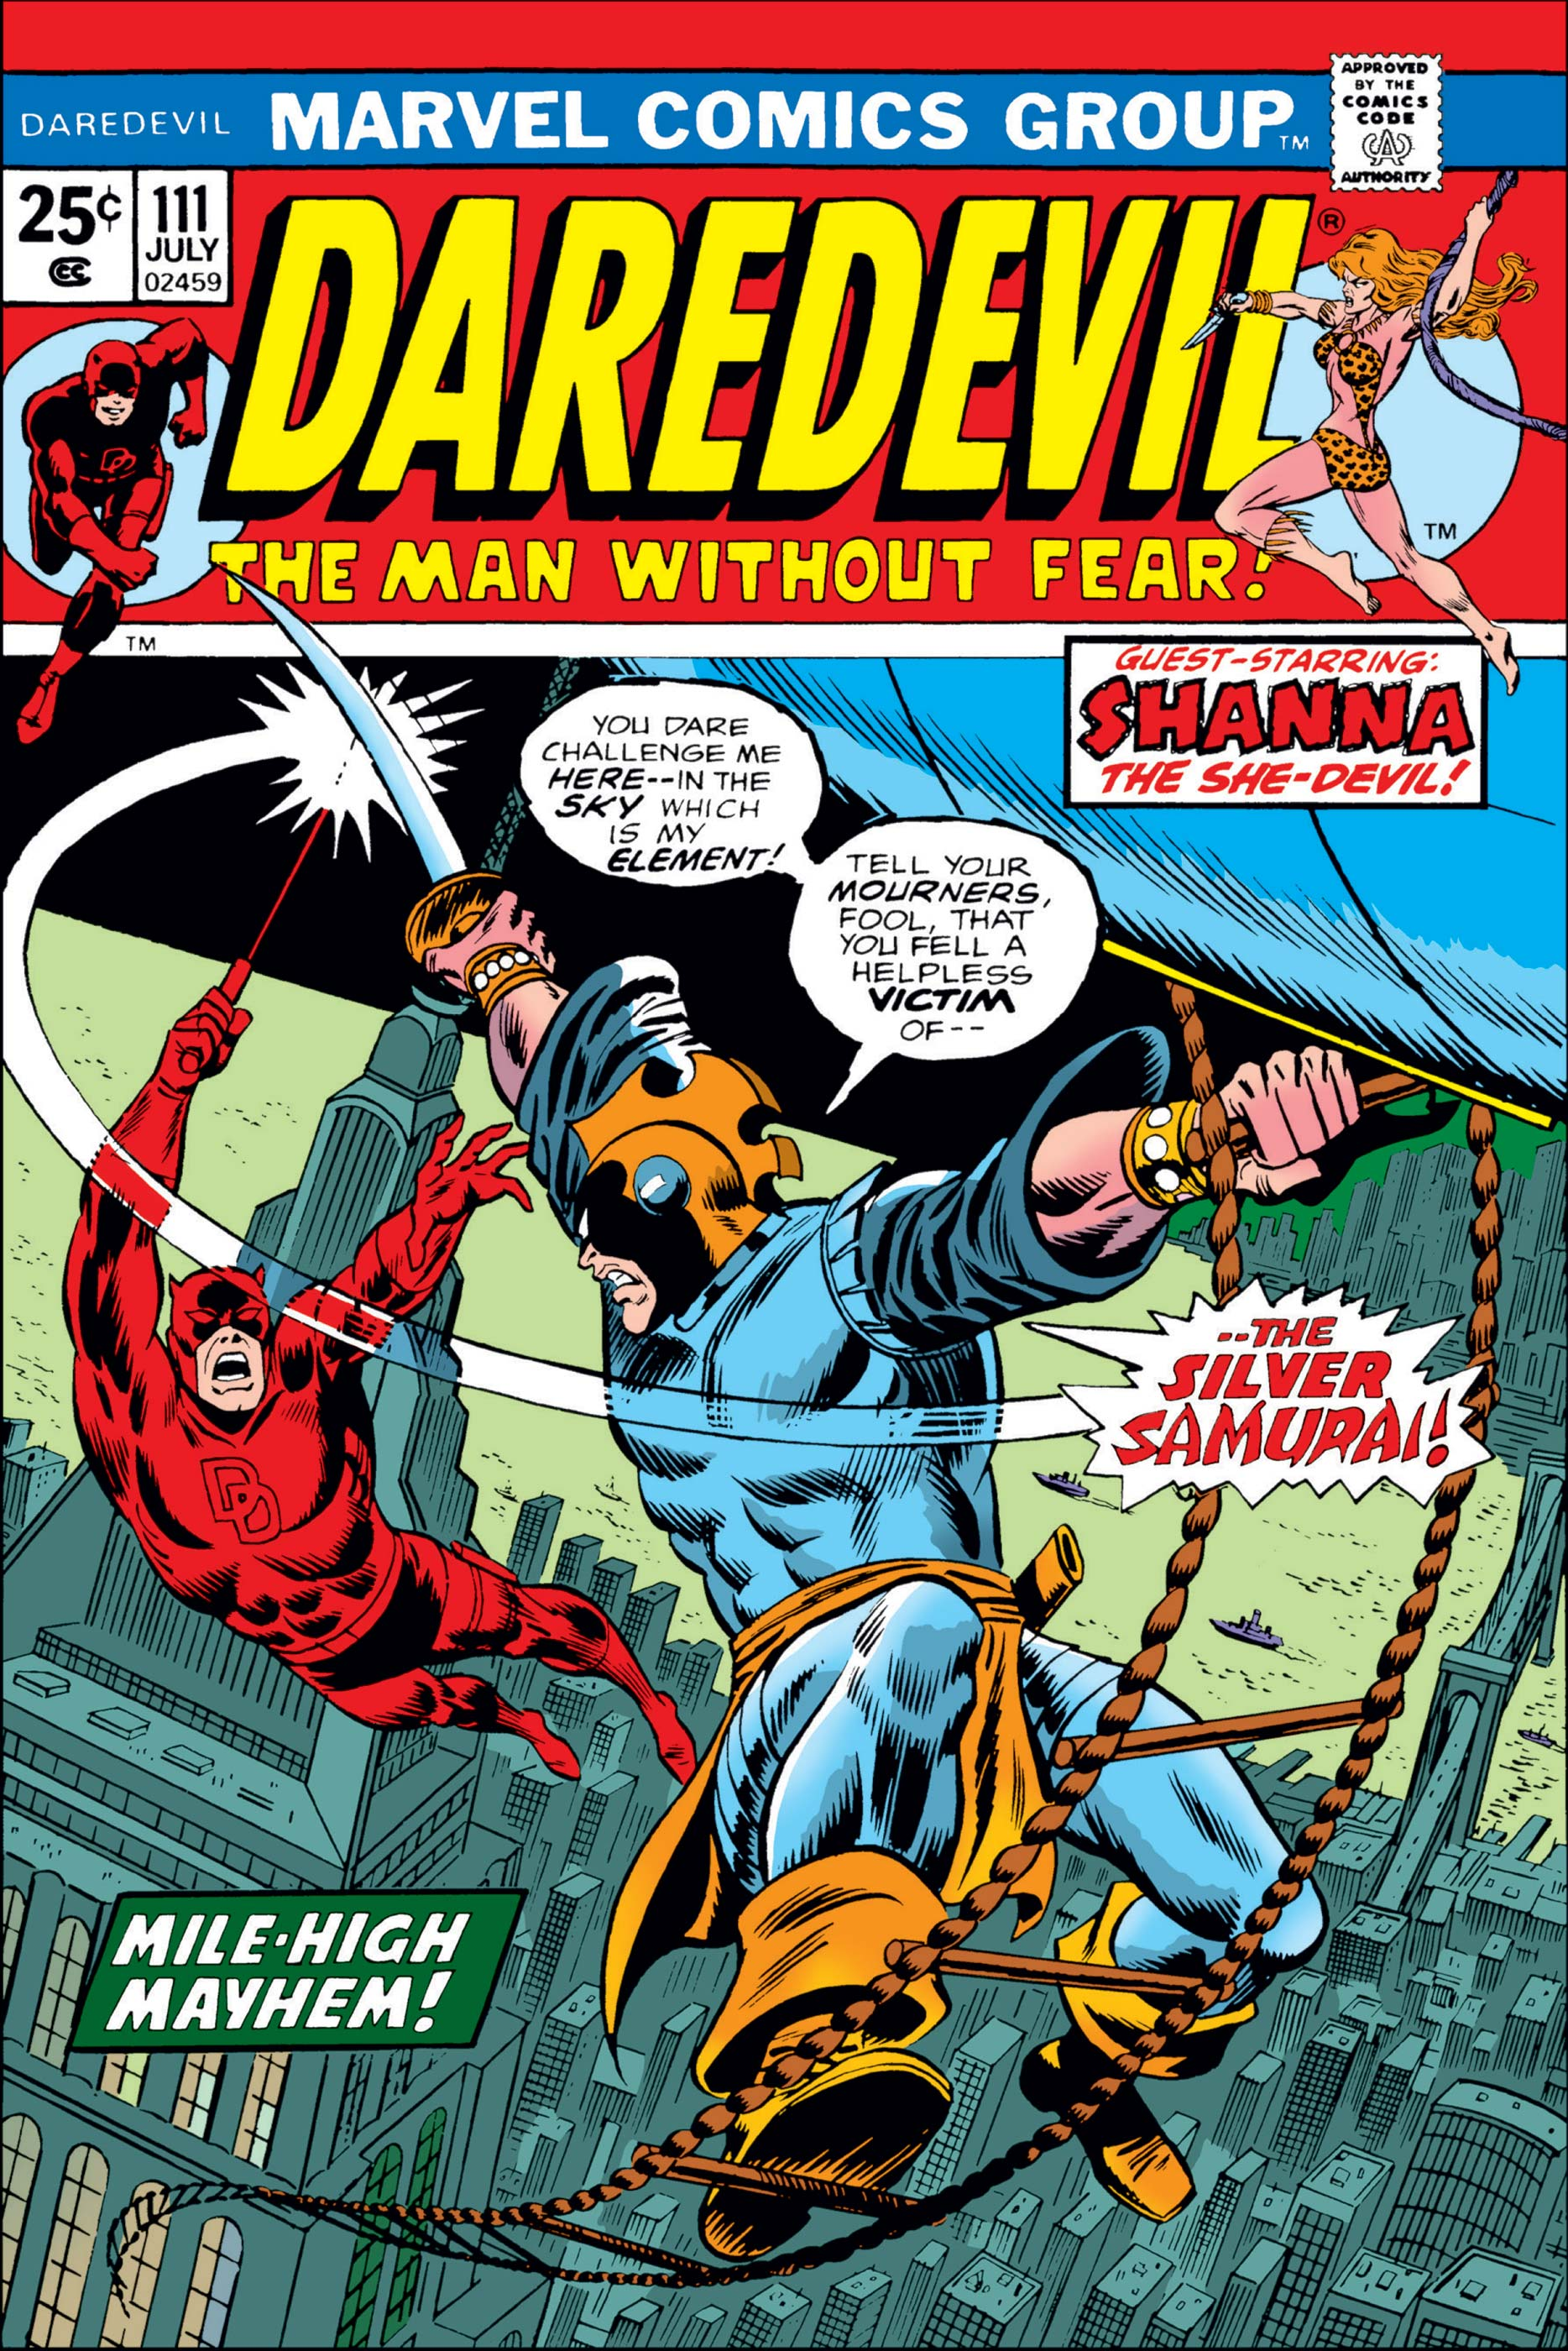 Daredevil (1964) #111